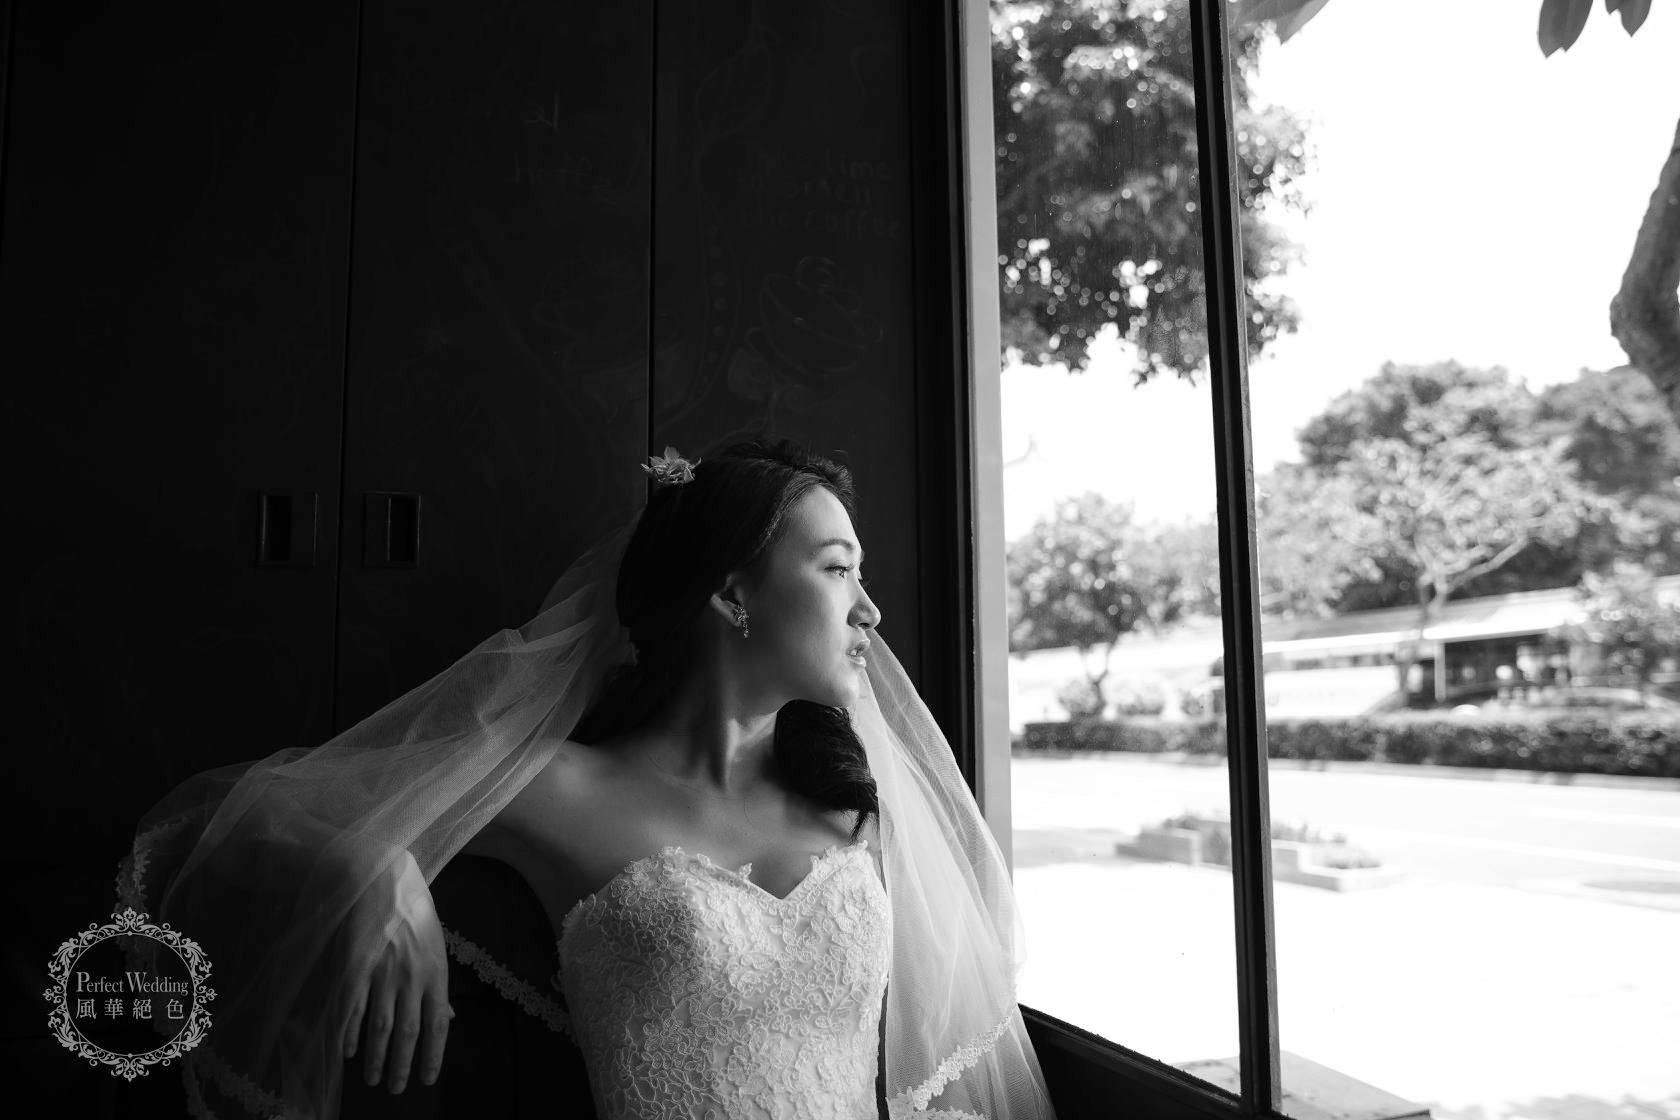 風華絕色婚紗攝影 首圖